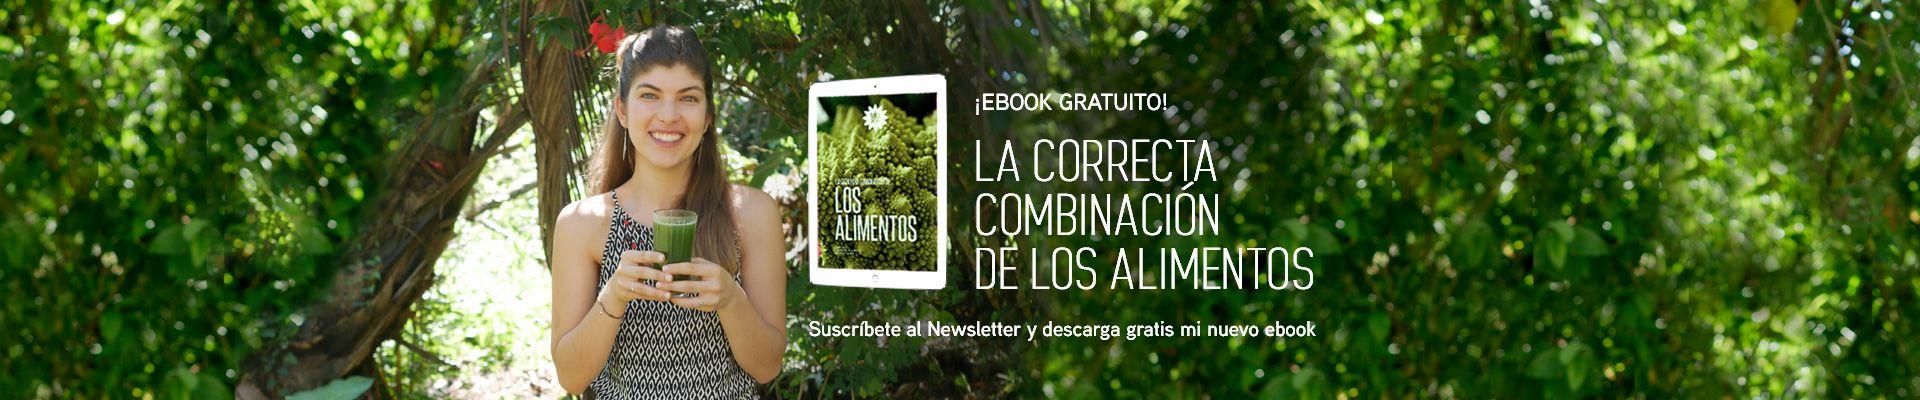 Alimentación vegetal - La Correcta Combinación de los Alimentos Carla Zaplana